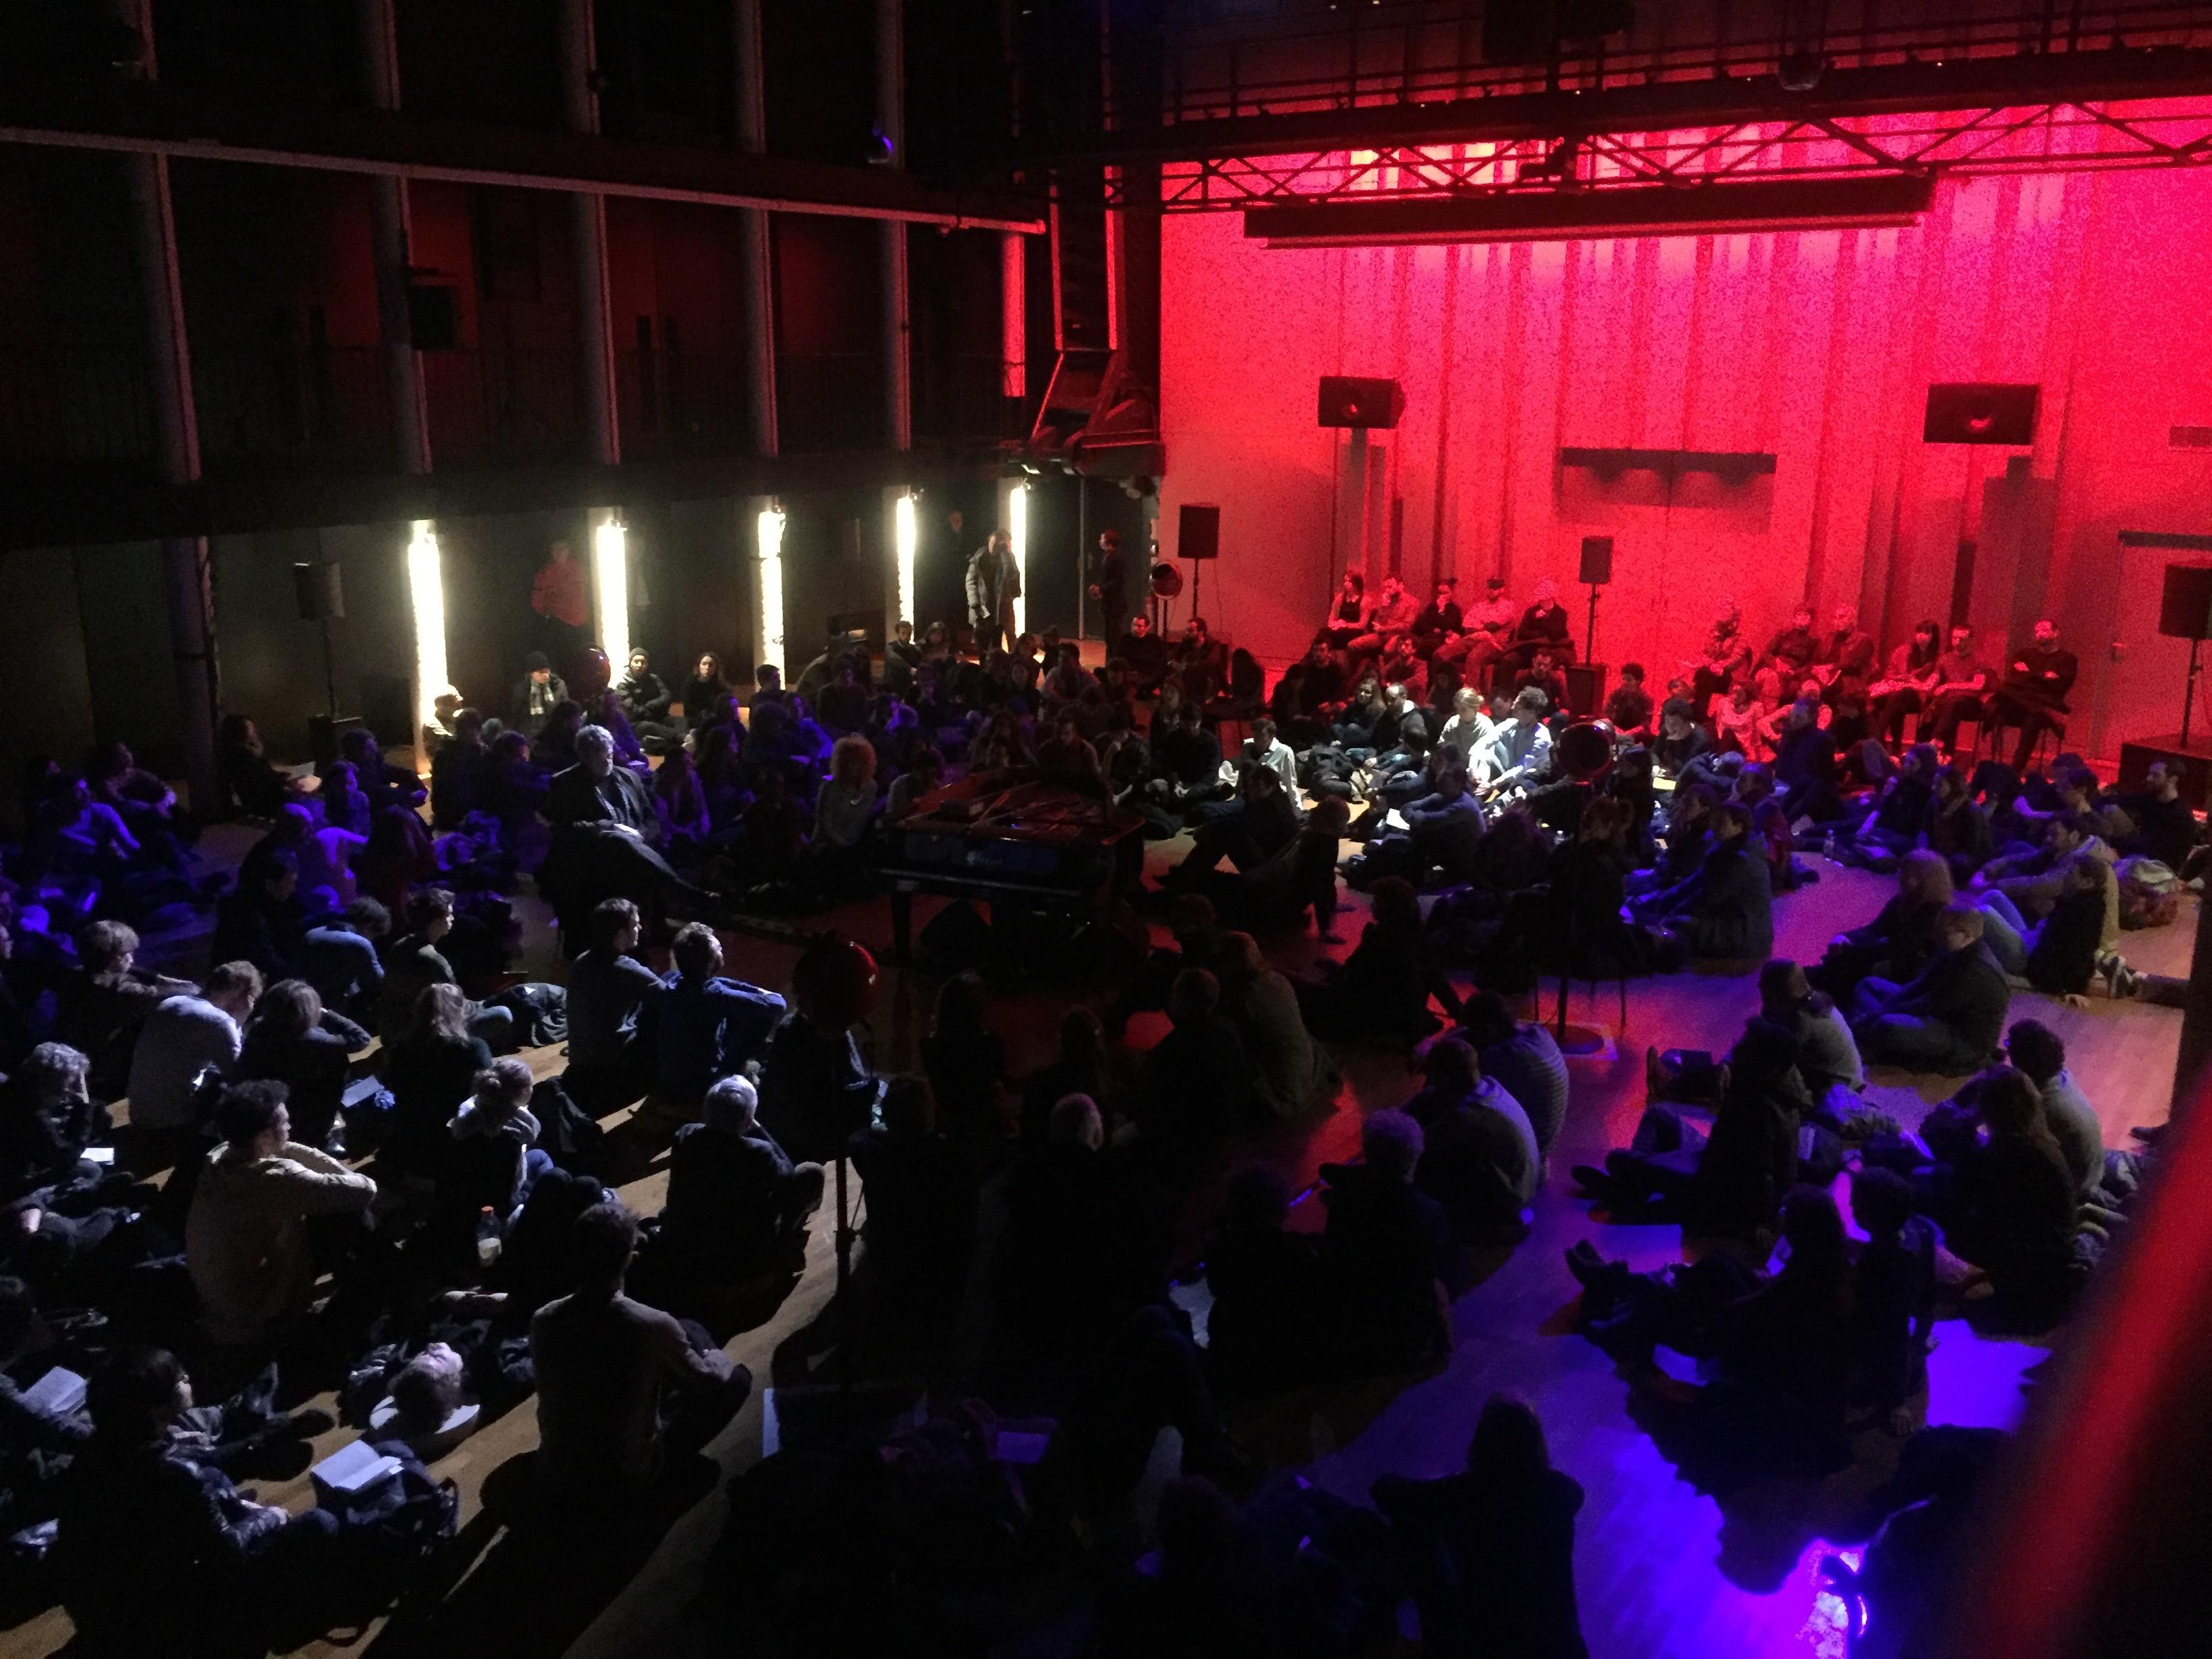 パリ音楽院での電子音響コンサートの様子